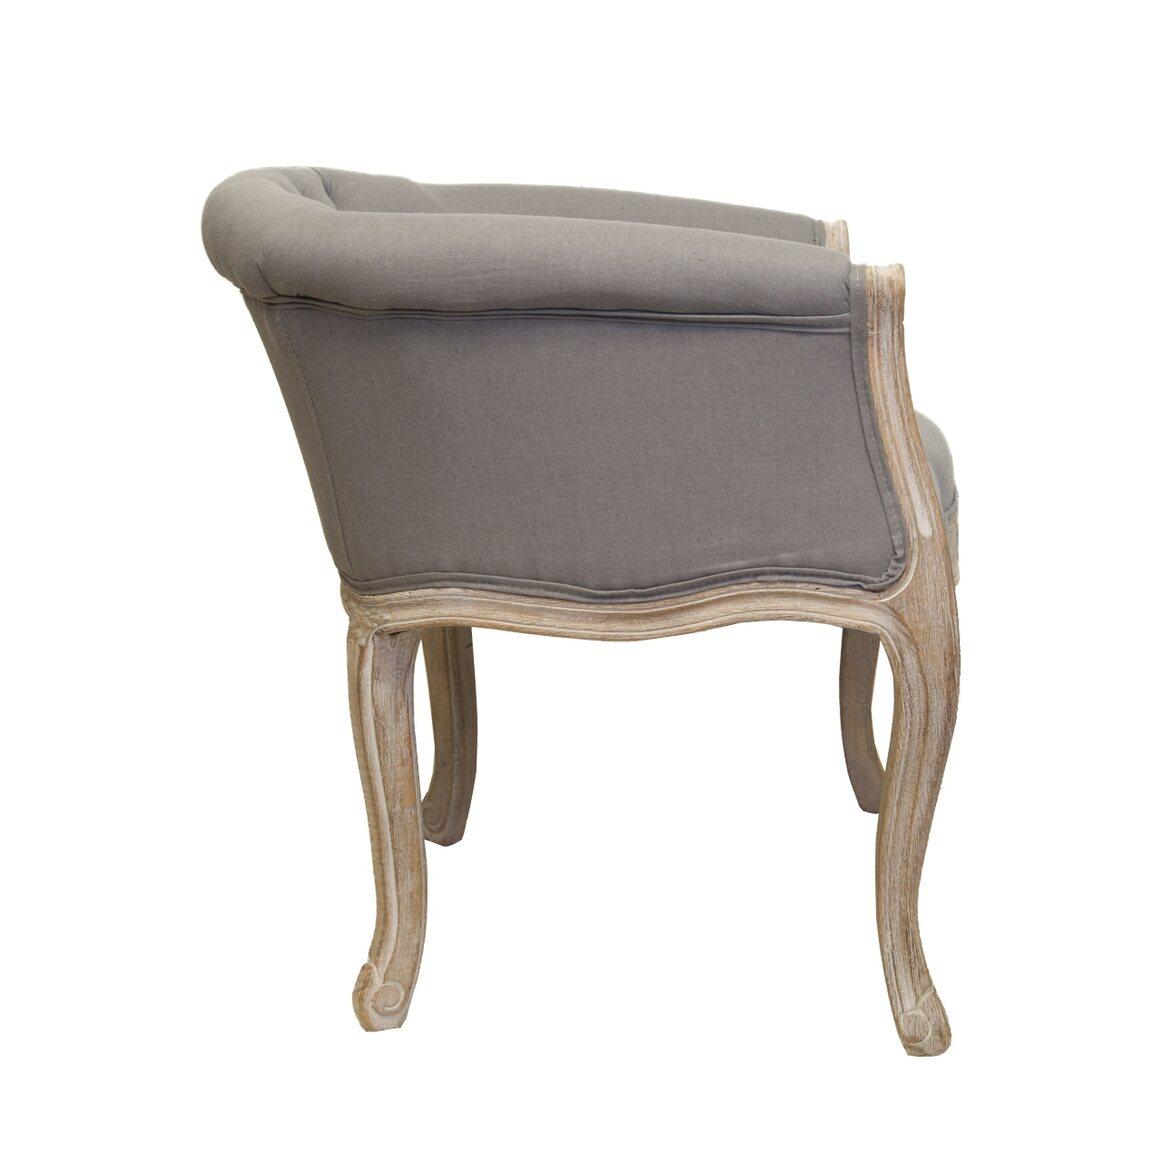 Низкое кресло Kandy grey 2   Маленькие кресла Kingsby